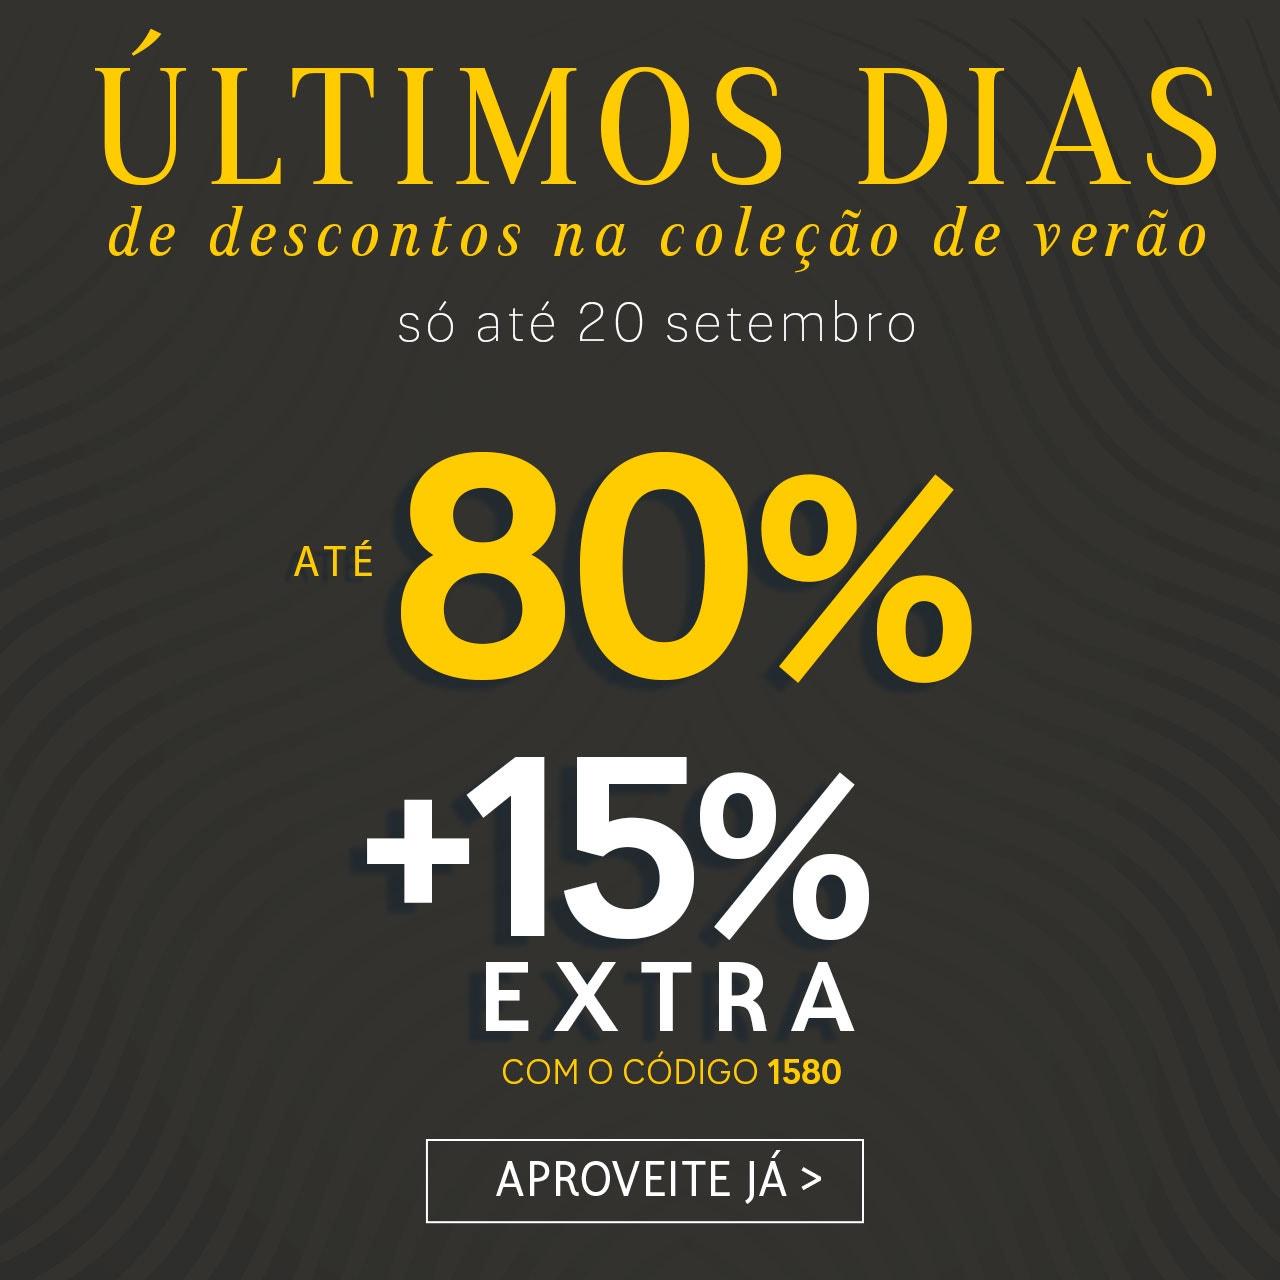 Reduções até 80% + 15%EXTRA - Últimos dias